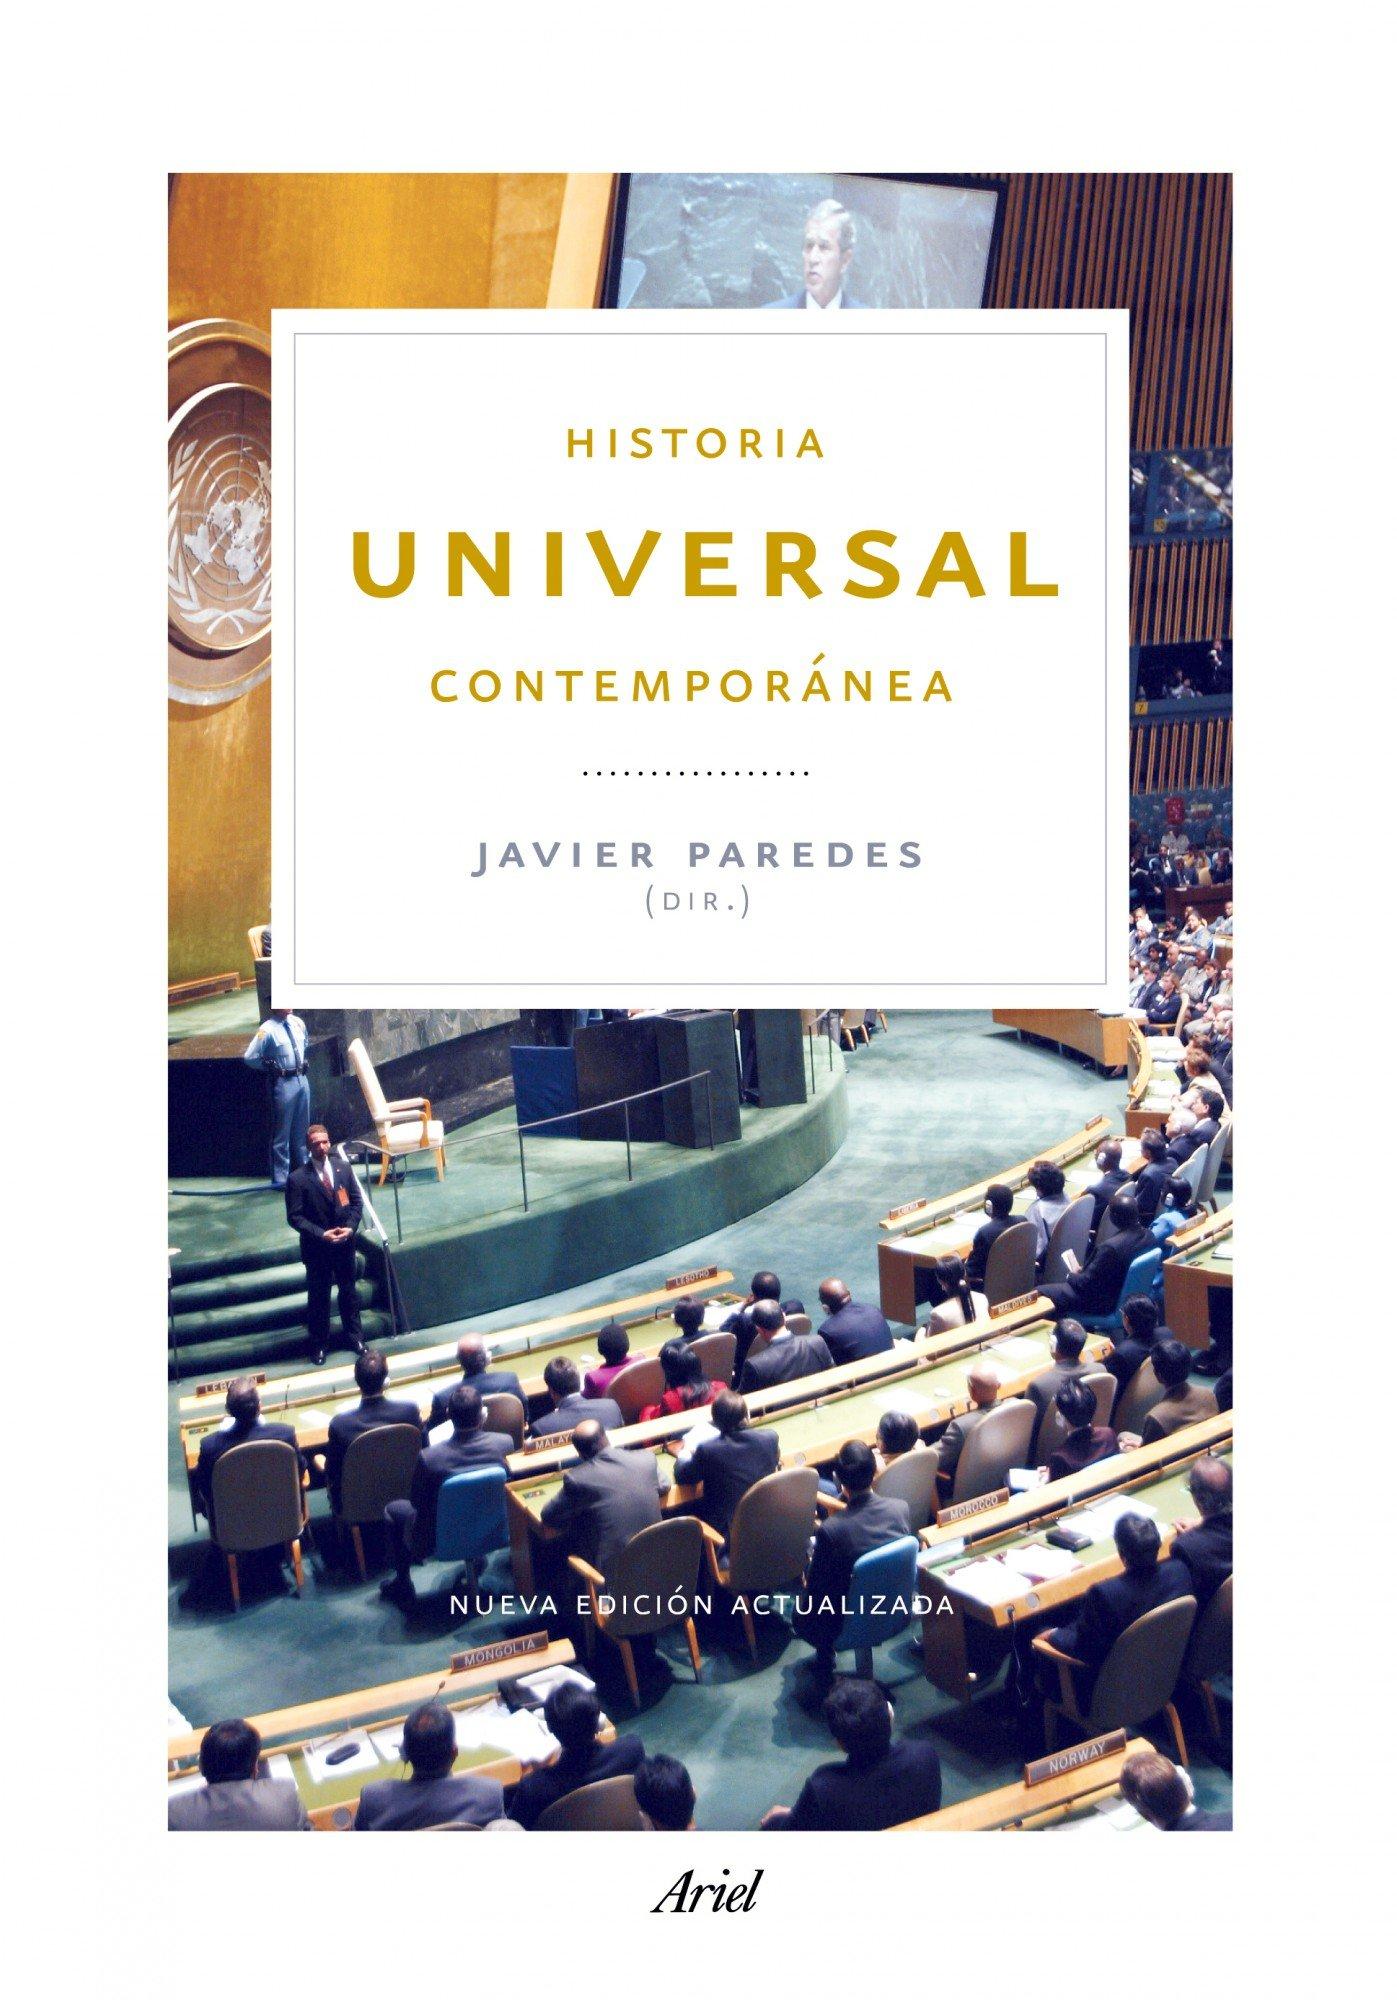 Historia universal contemporánea: Nueva edición actualizada Ariel ...